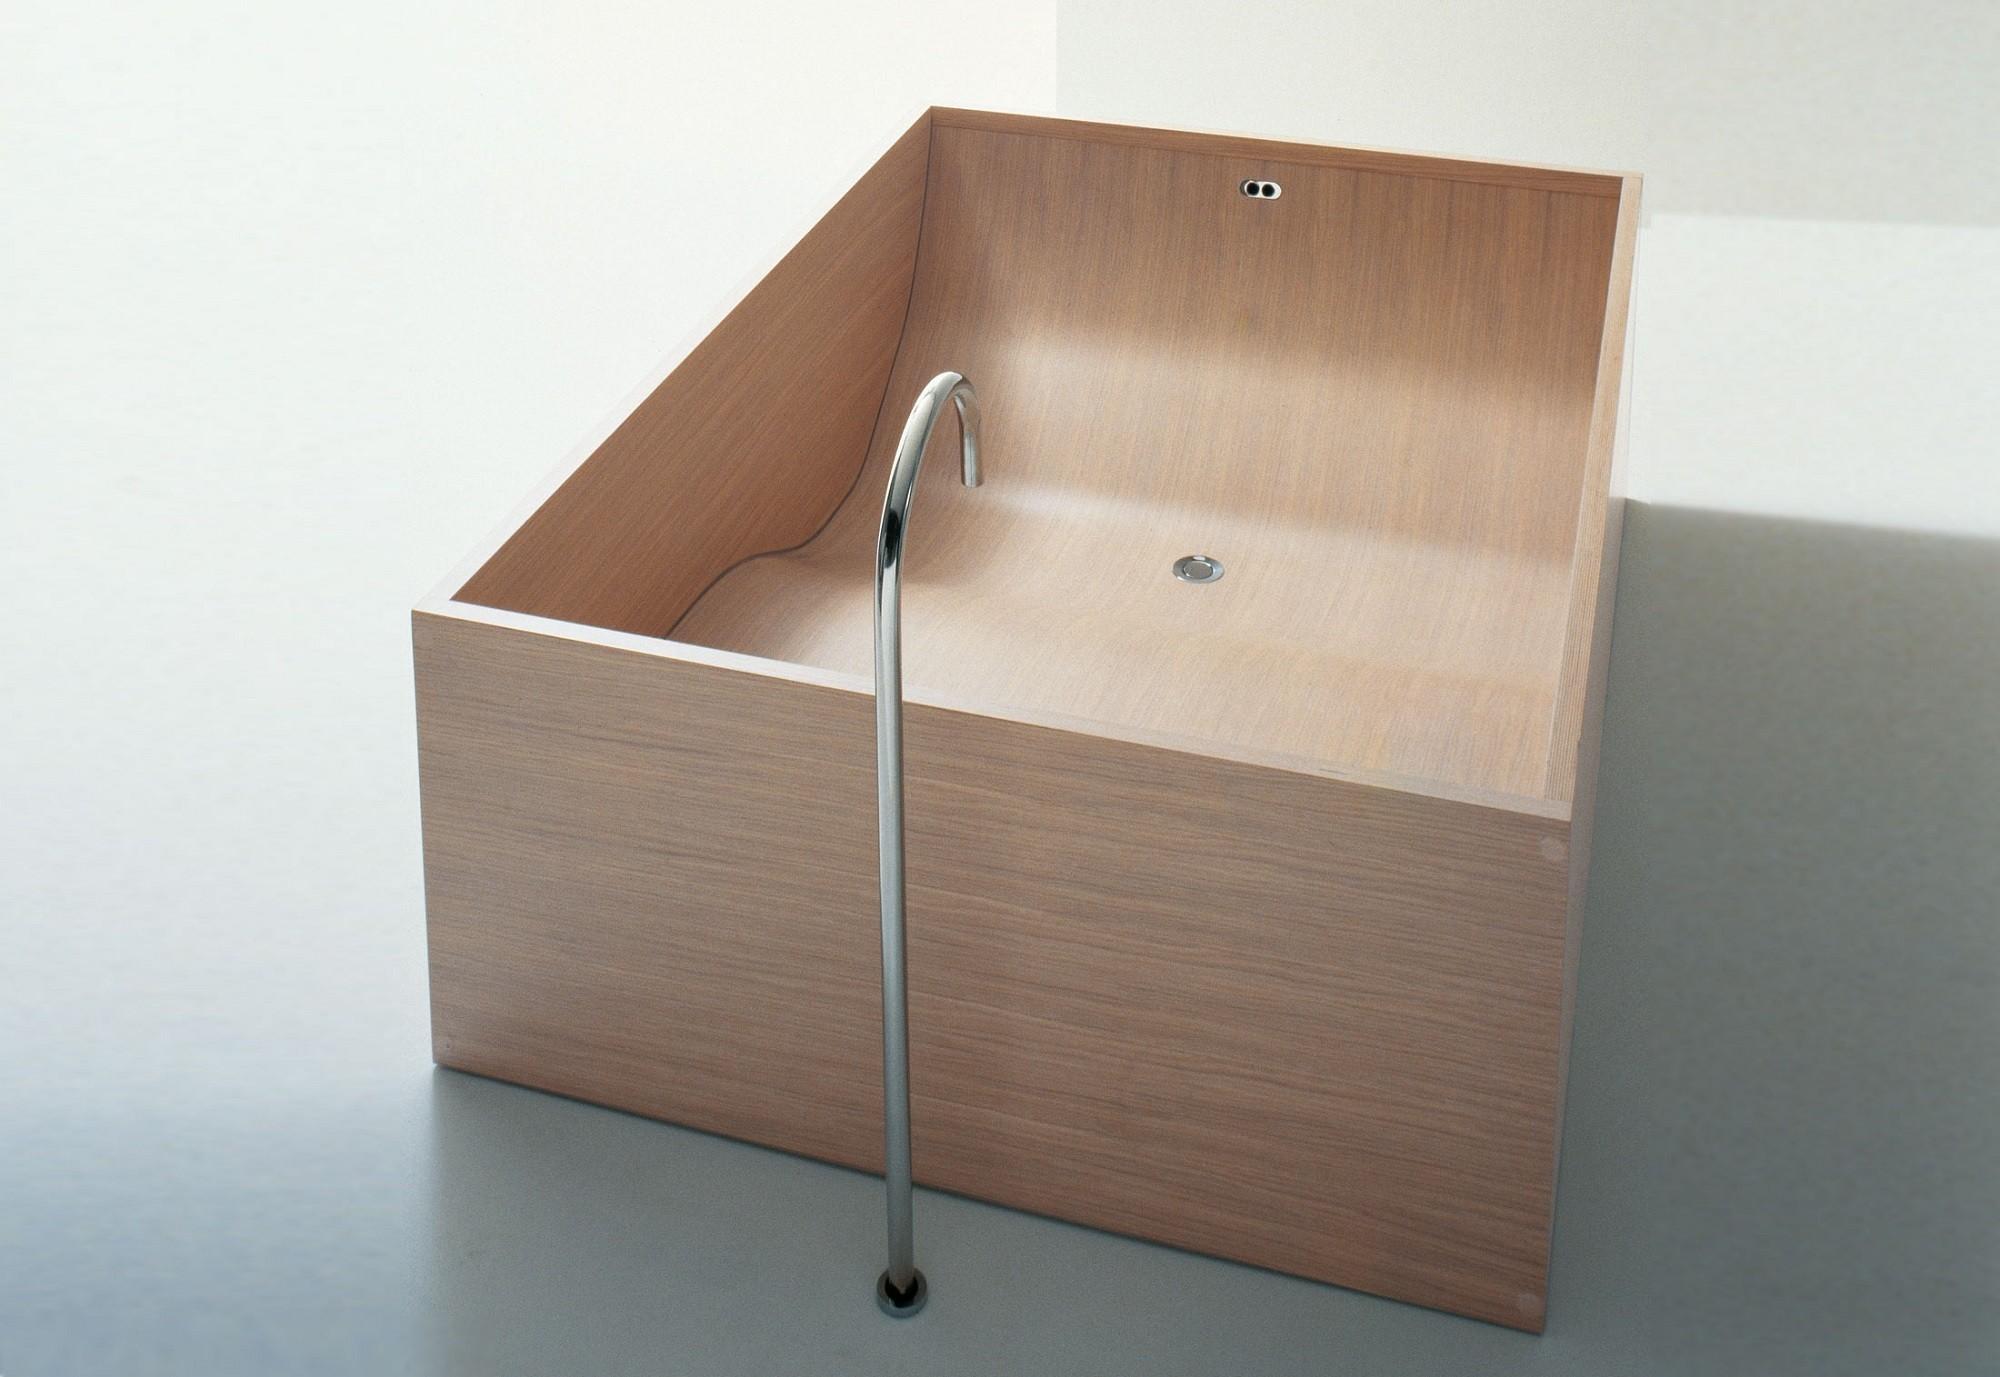 materialien bad und sanit r wannen baunetz wissen. Black Bedroom Furniture Sets. Home Design Ideas